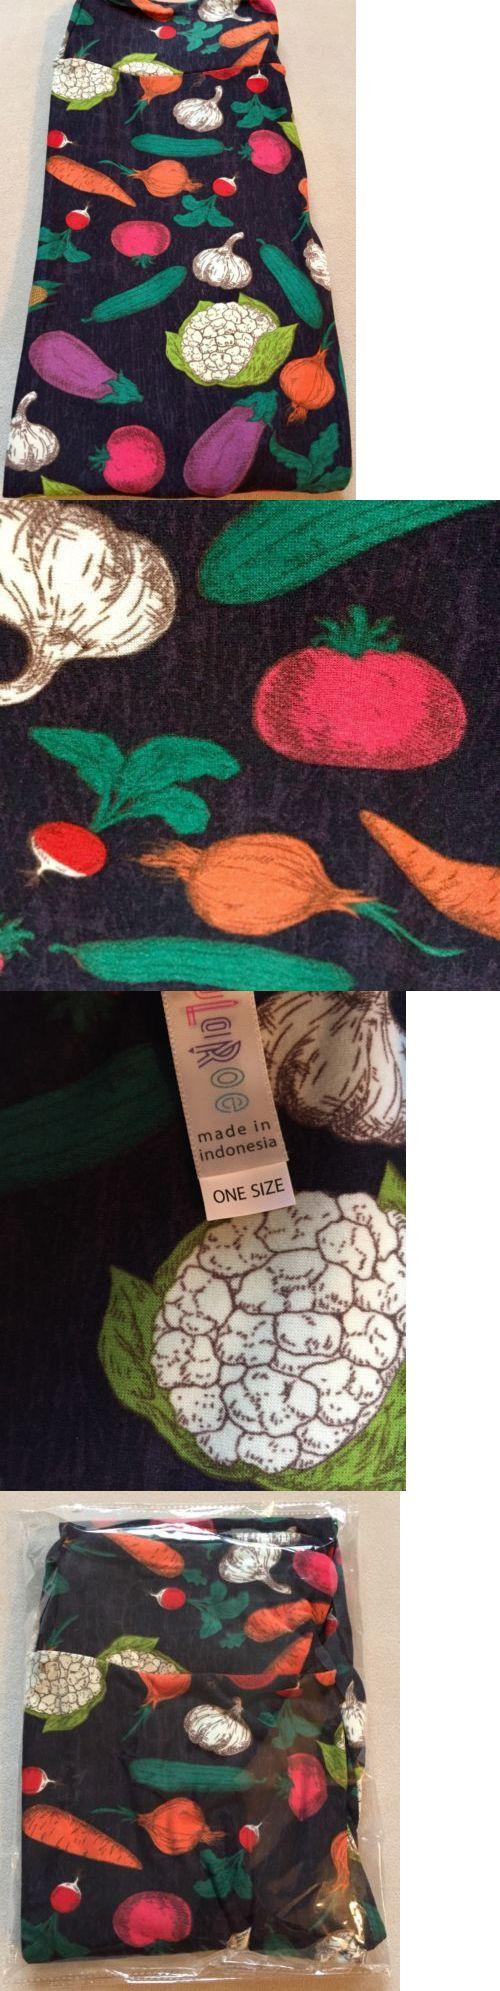 Women Leggings: Nwt Os Unicorn Vegetables Veggies Garden Lularoe Leggings Farmer S Market Black -> BUY IT NOW ONLY: $59.99 on eBay!